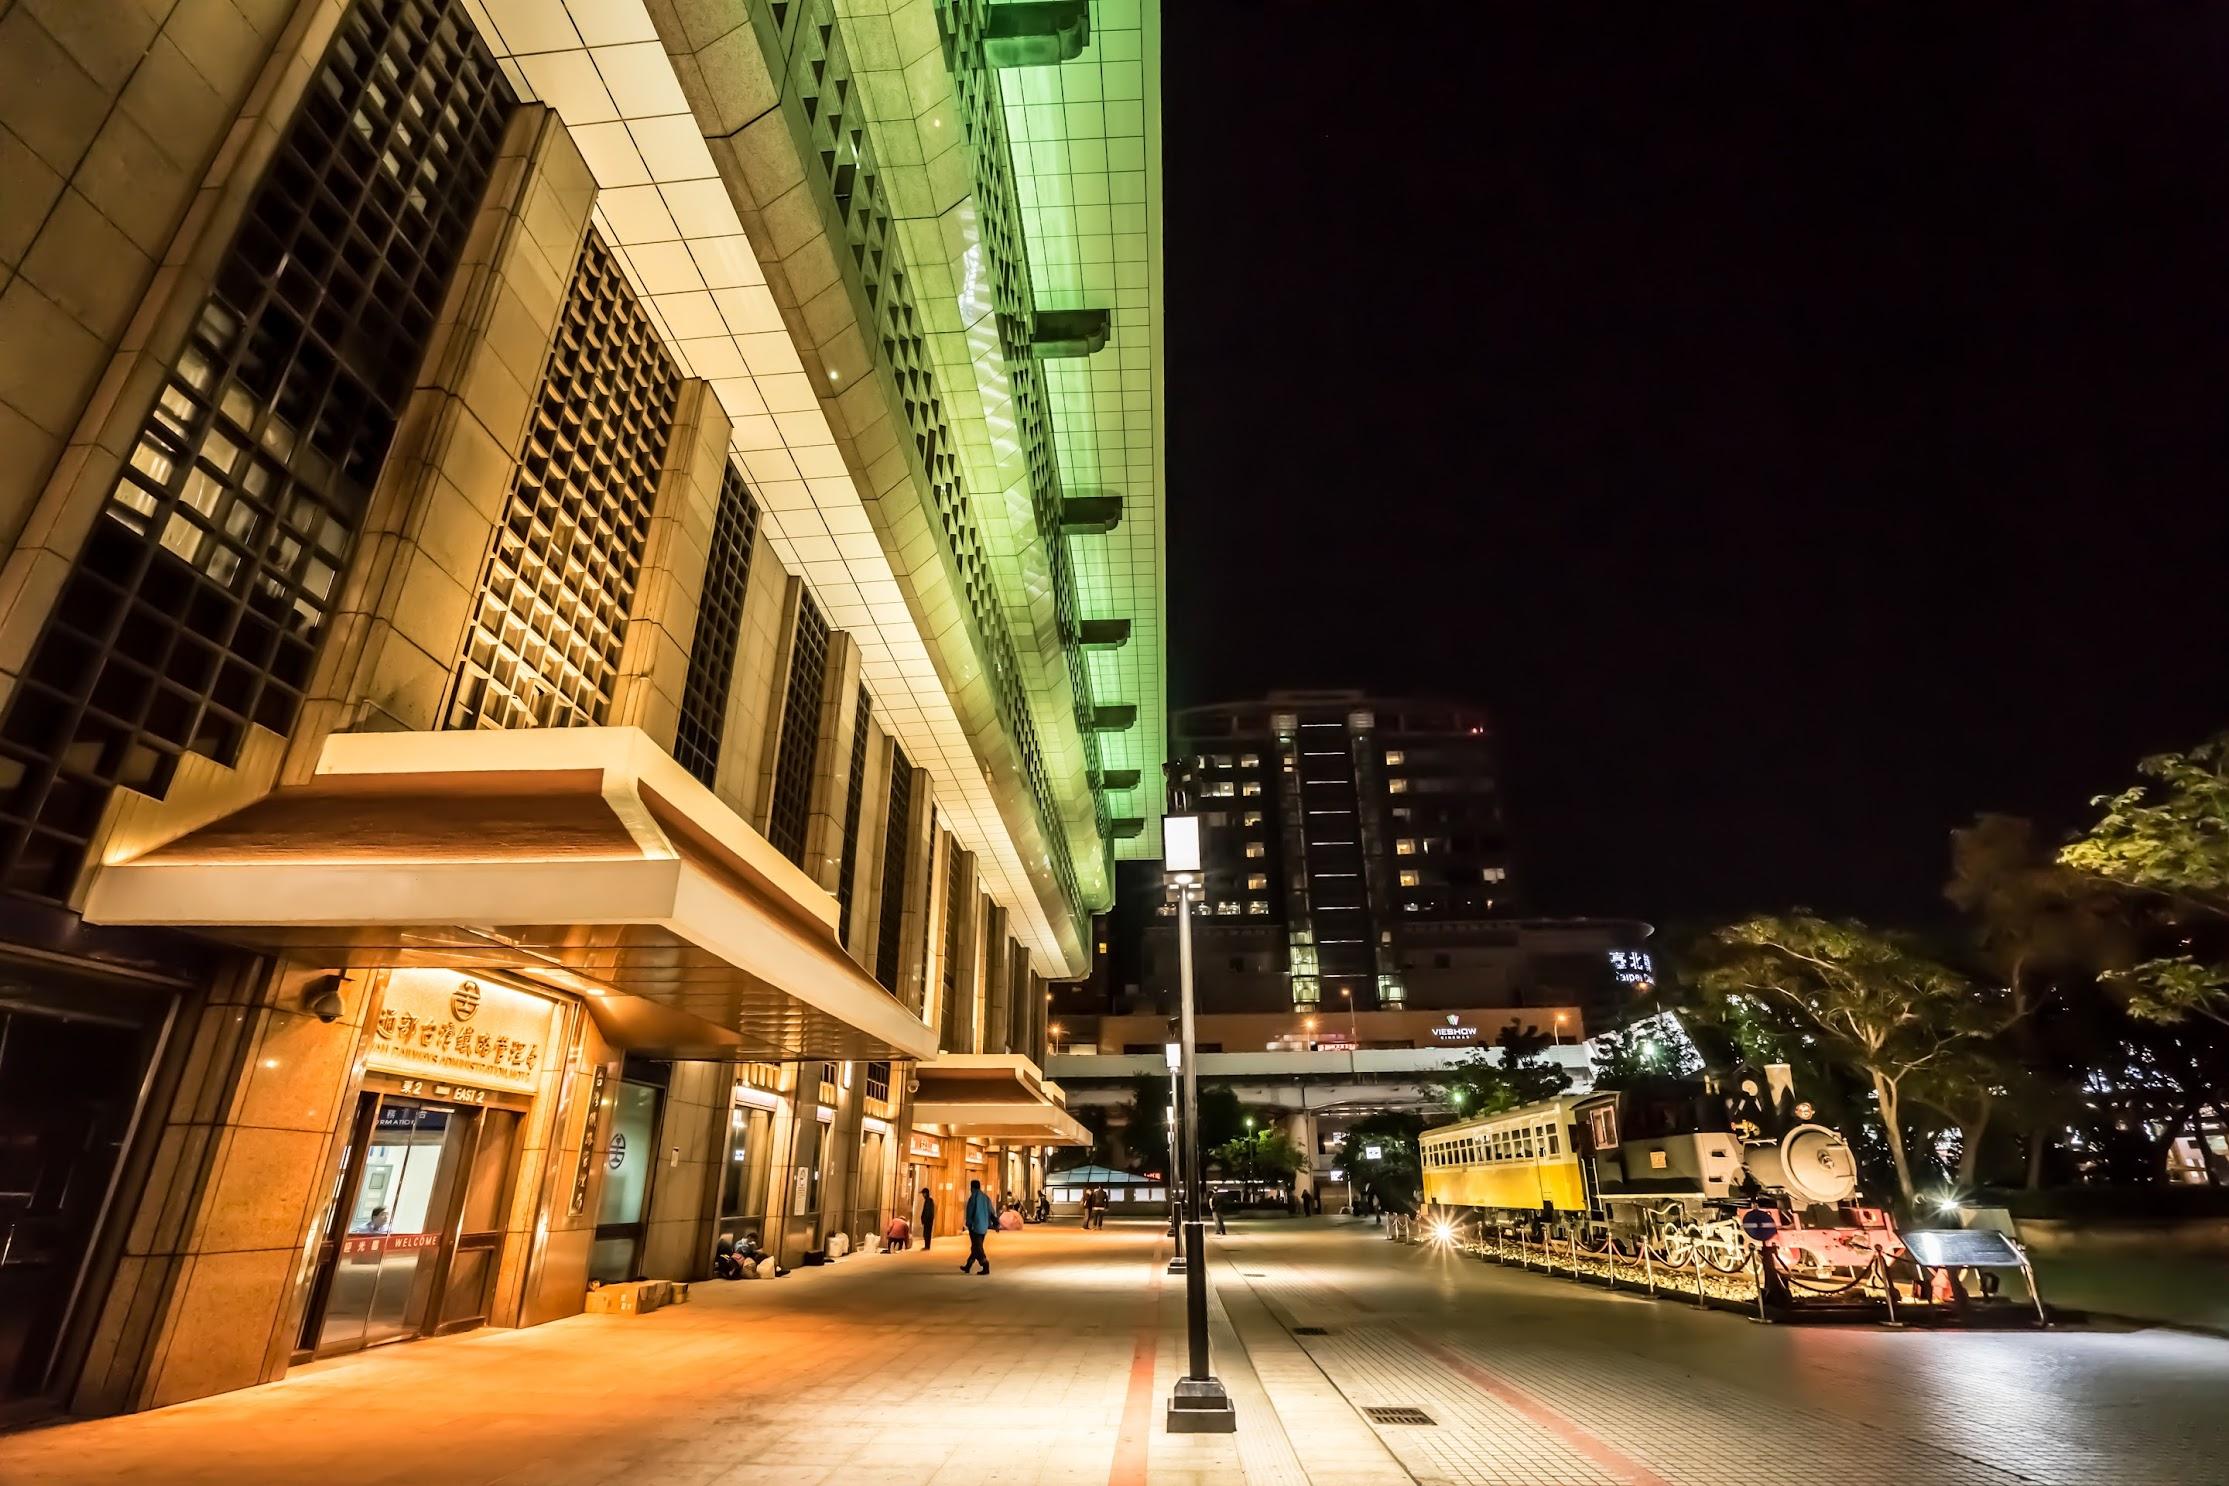 台北駅 SL(蒸気機関車) ライトアップ1